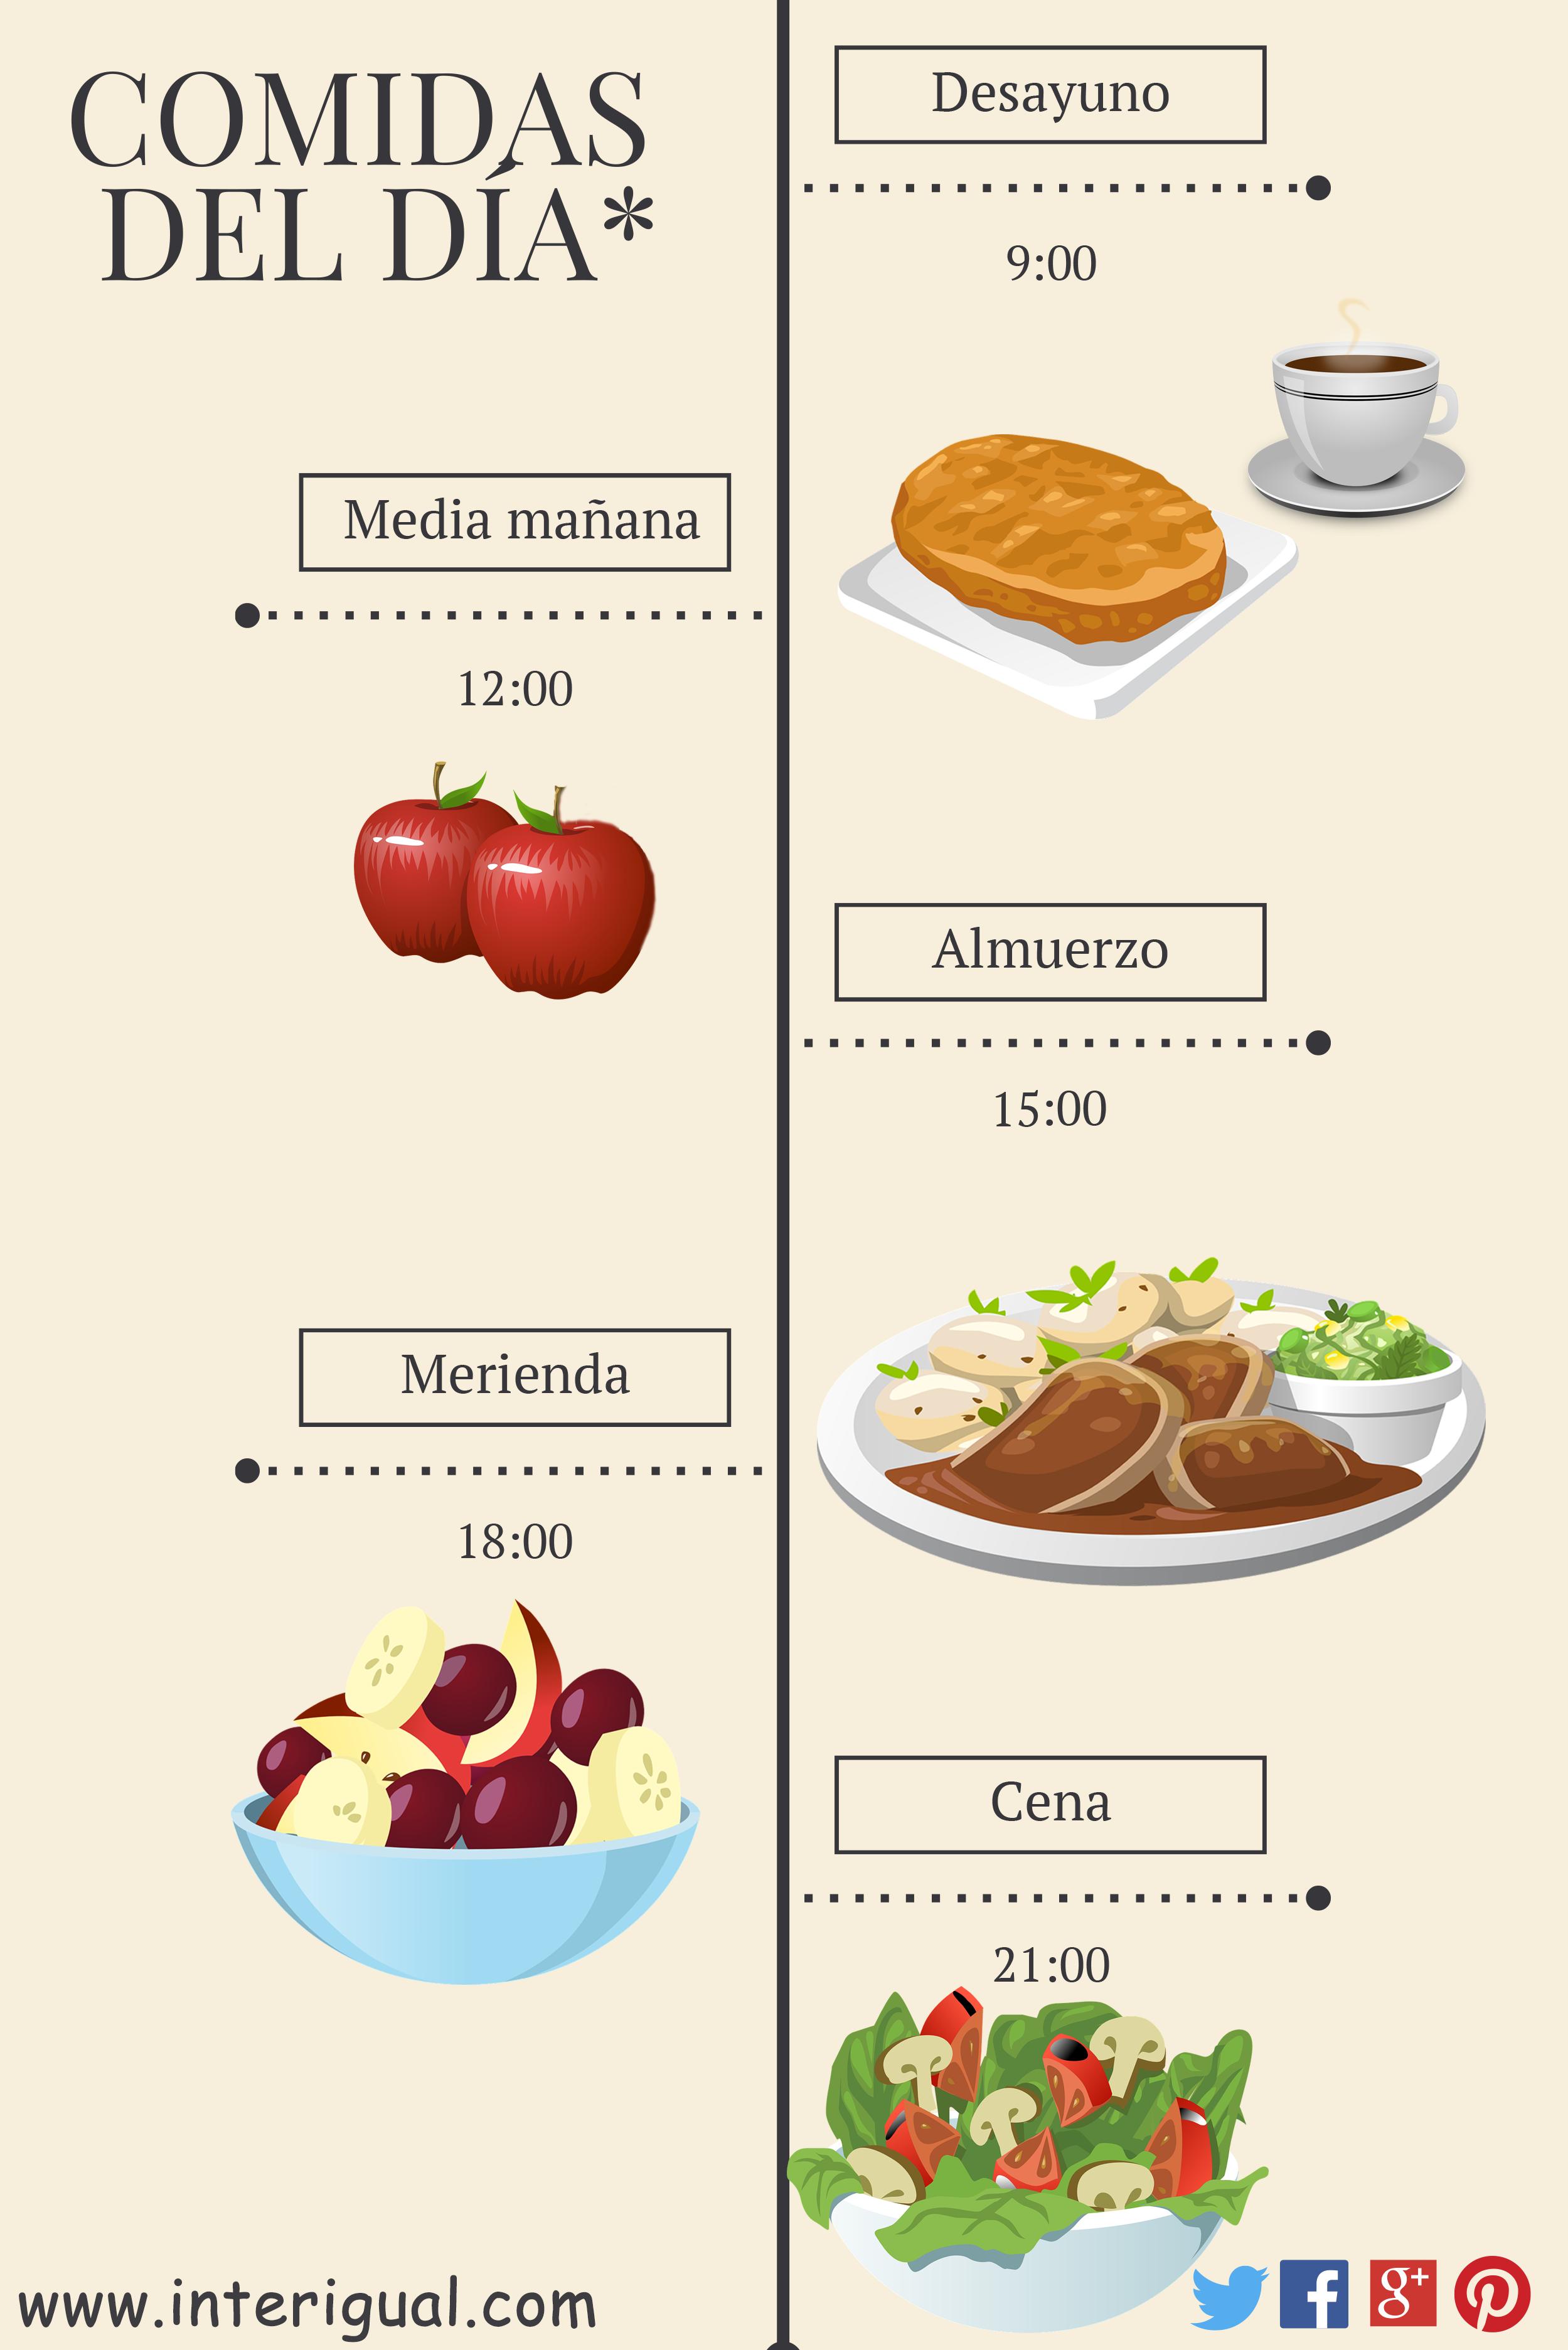 por supuesto, muchas personas desayunan más temprano. también, según